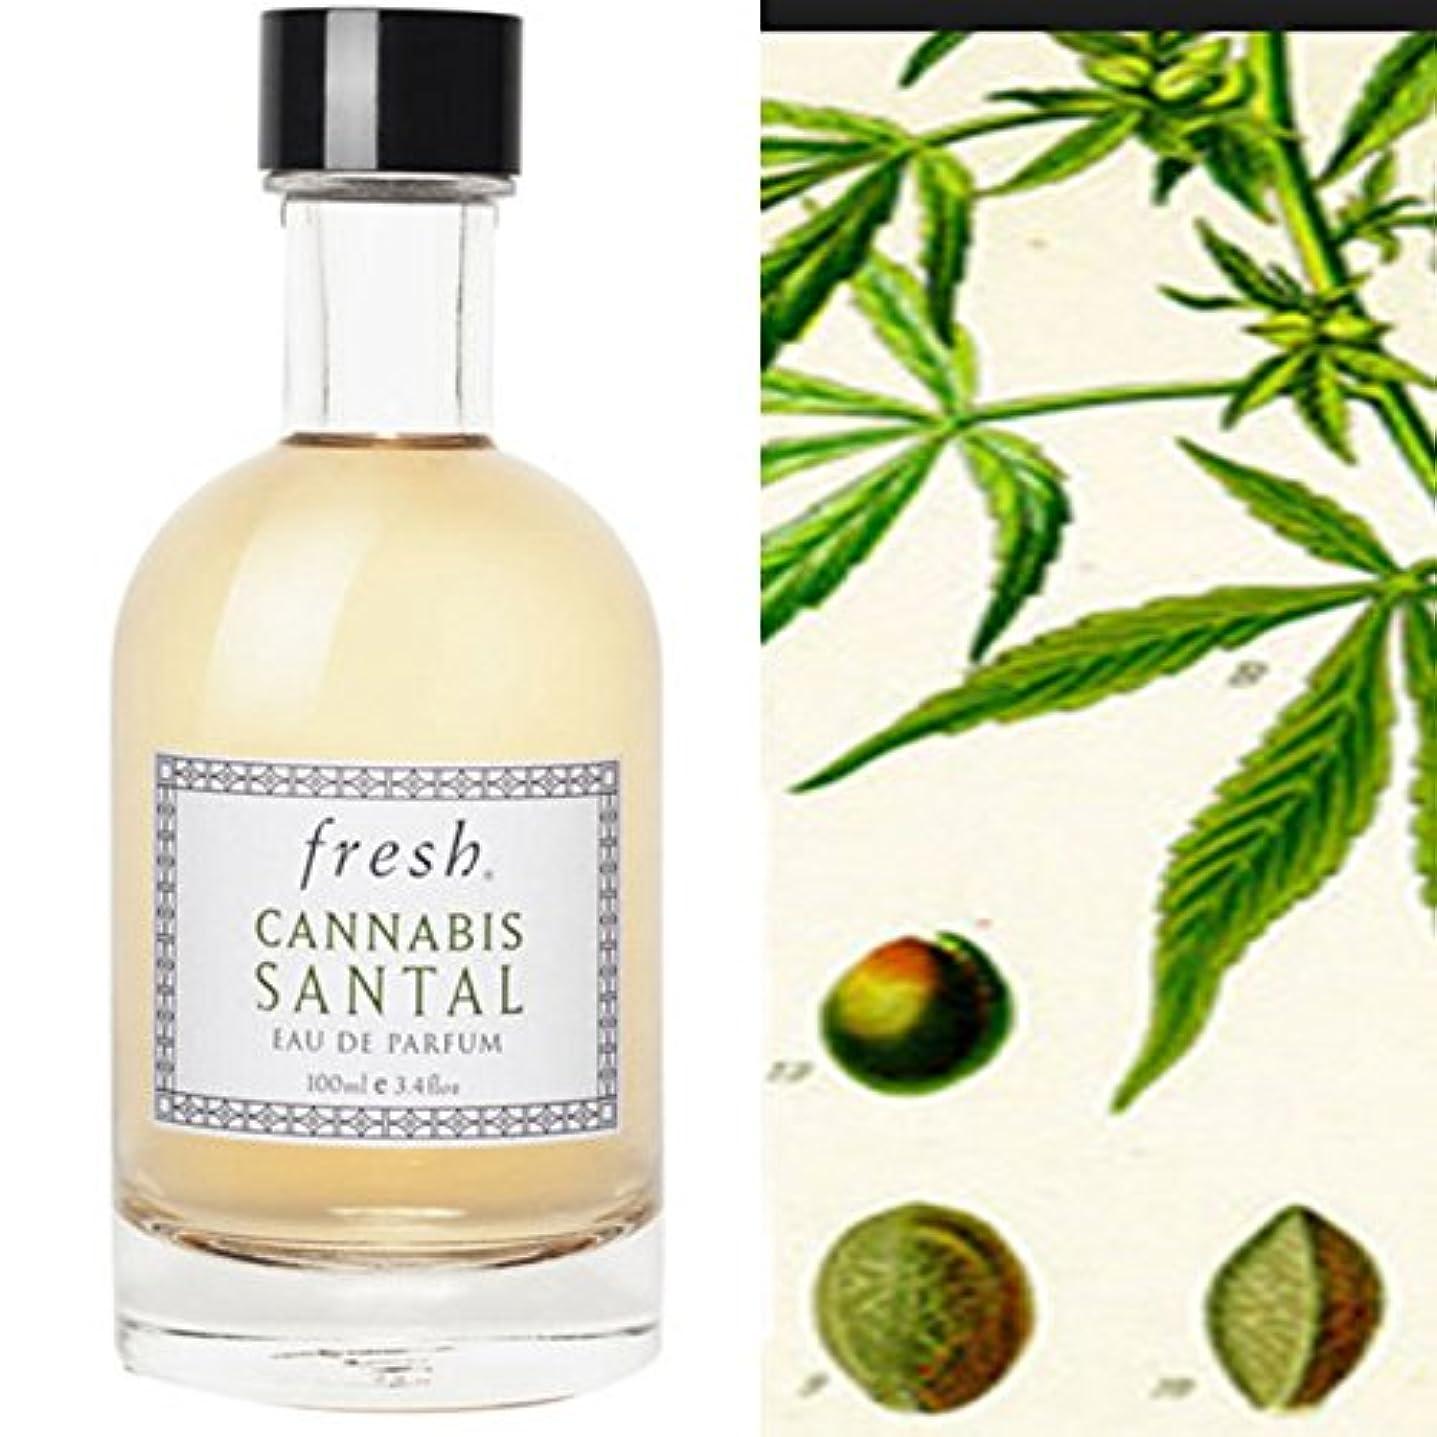 キウイエリート暗殺するFresh (フレッシュ) 大麻サンタルオードパルファム,100ml(3.4oz)- Cannabis Santal 。 [並行輸入品] [海外直送品]